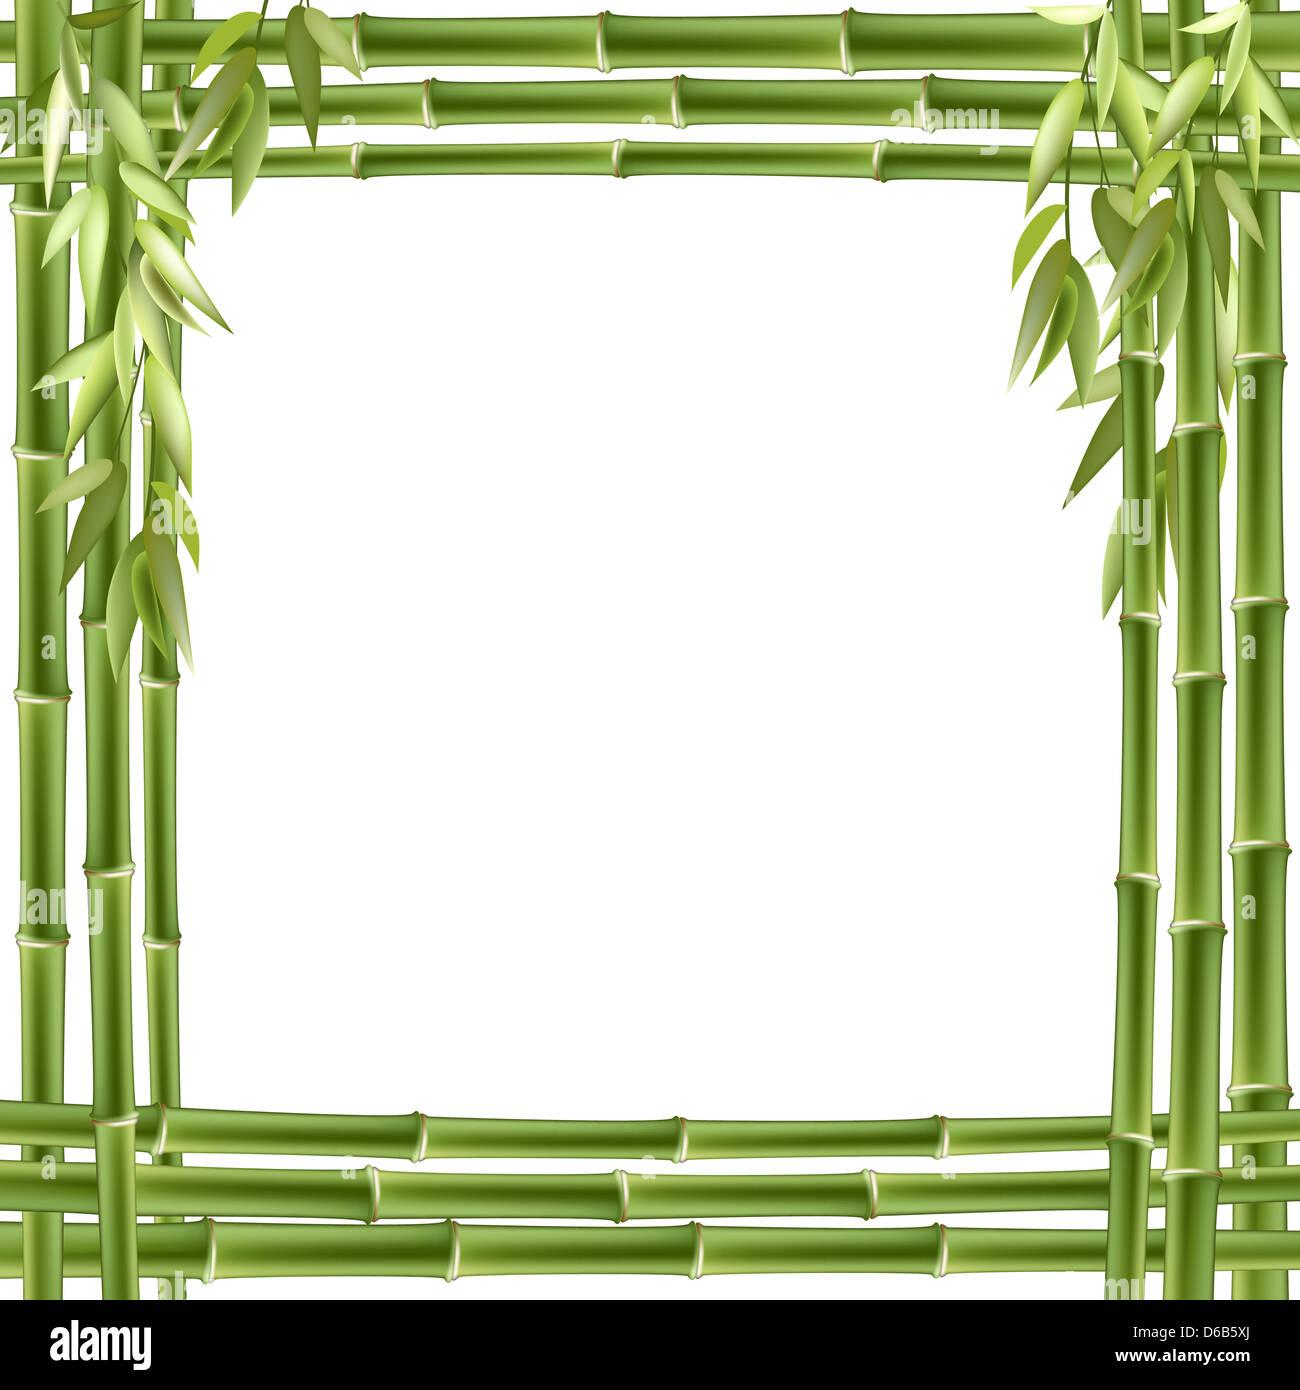 Tolle Bambusrahmen Zeitgenössisch - Rahmen Ideen - markjohnsonshow.info